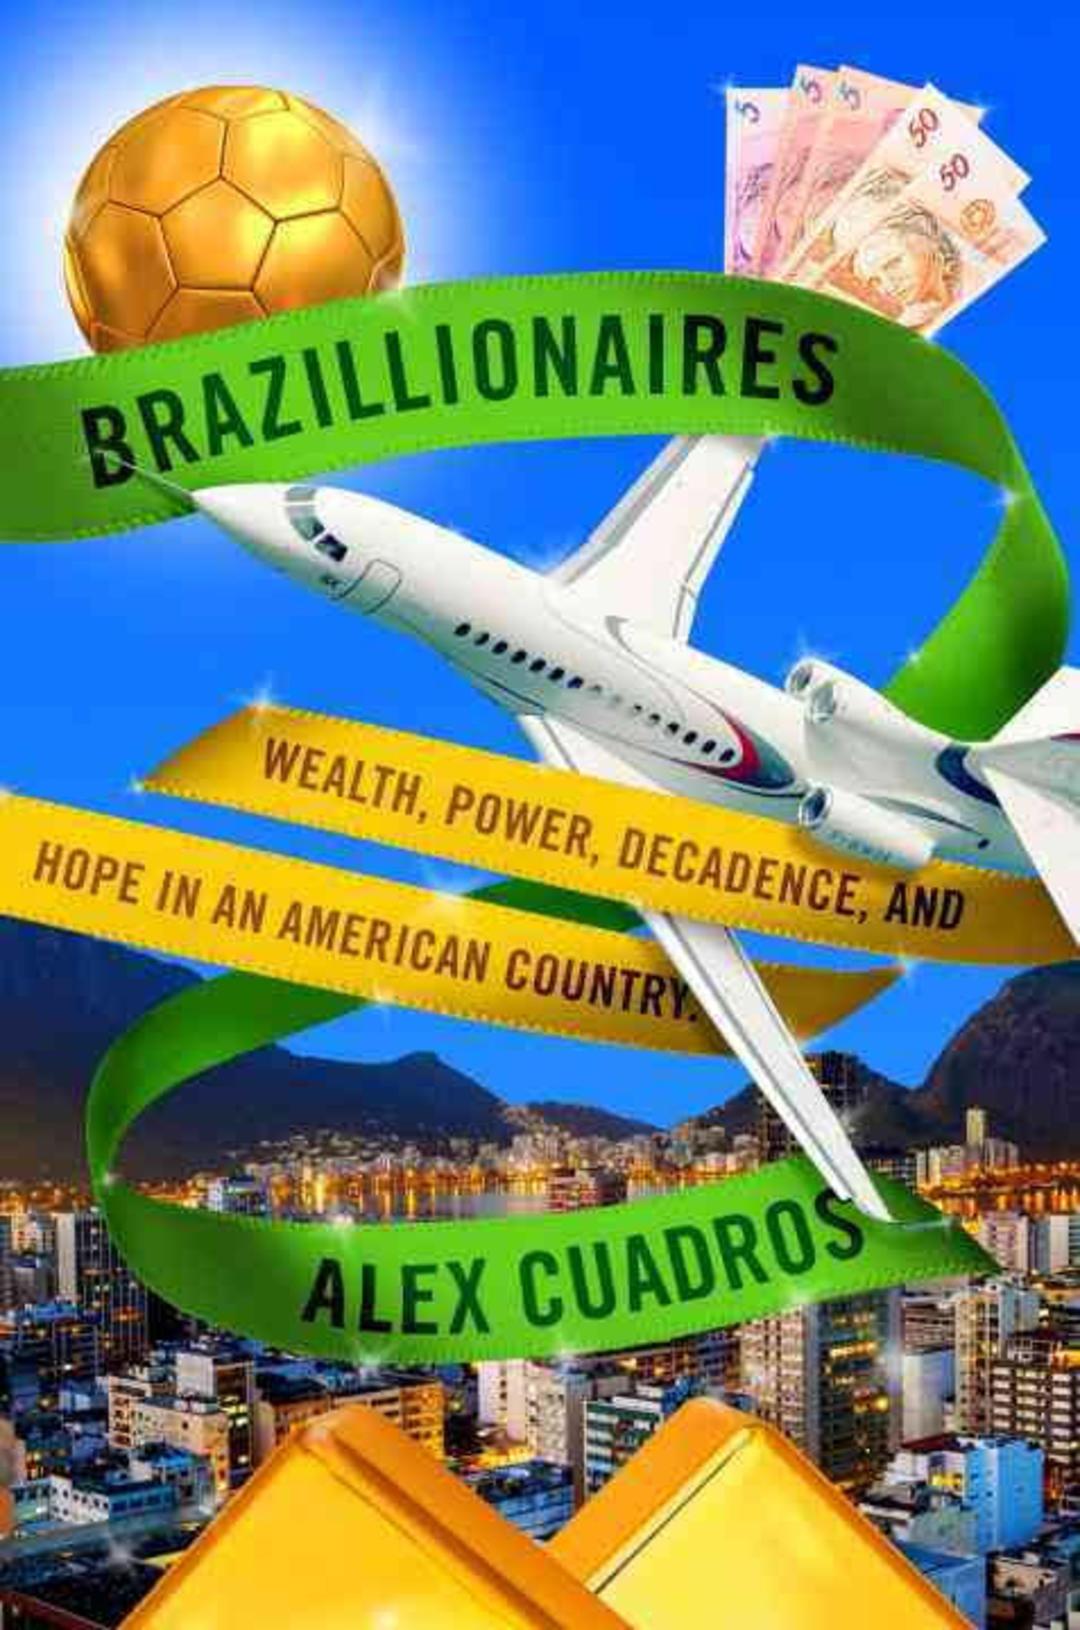 想了解商业世界的变化,《金融时报》今年推荐这十本书_文化_好奇心日报